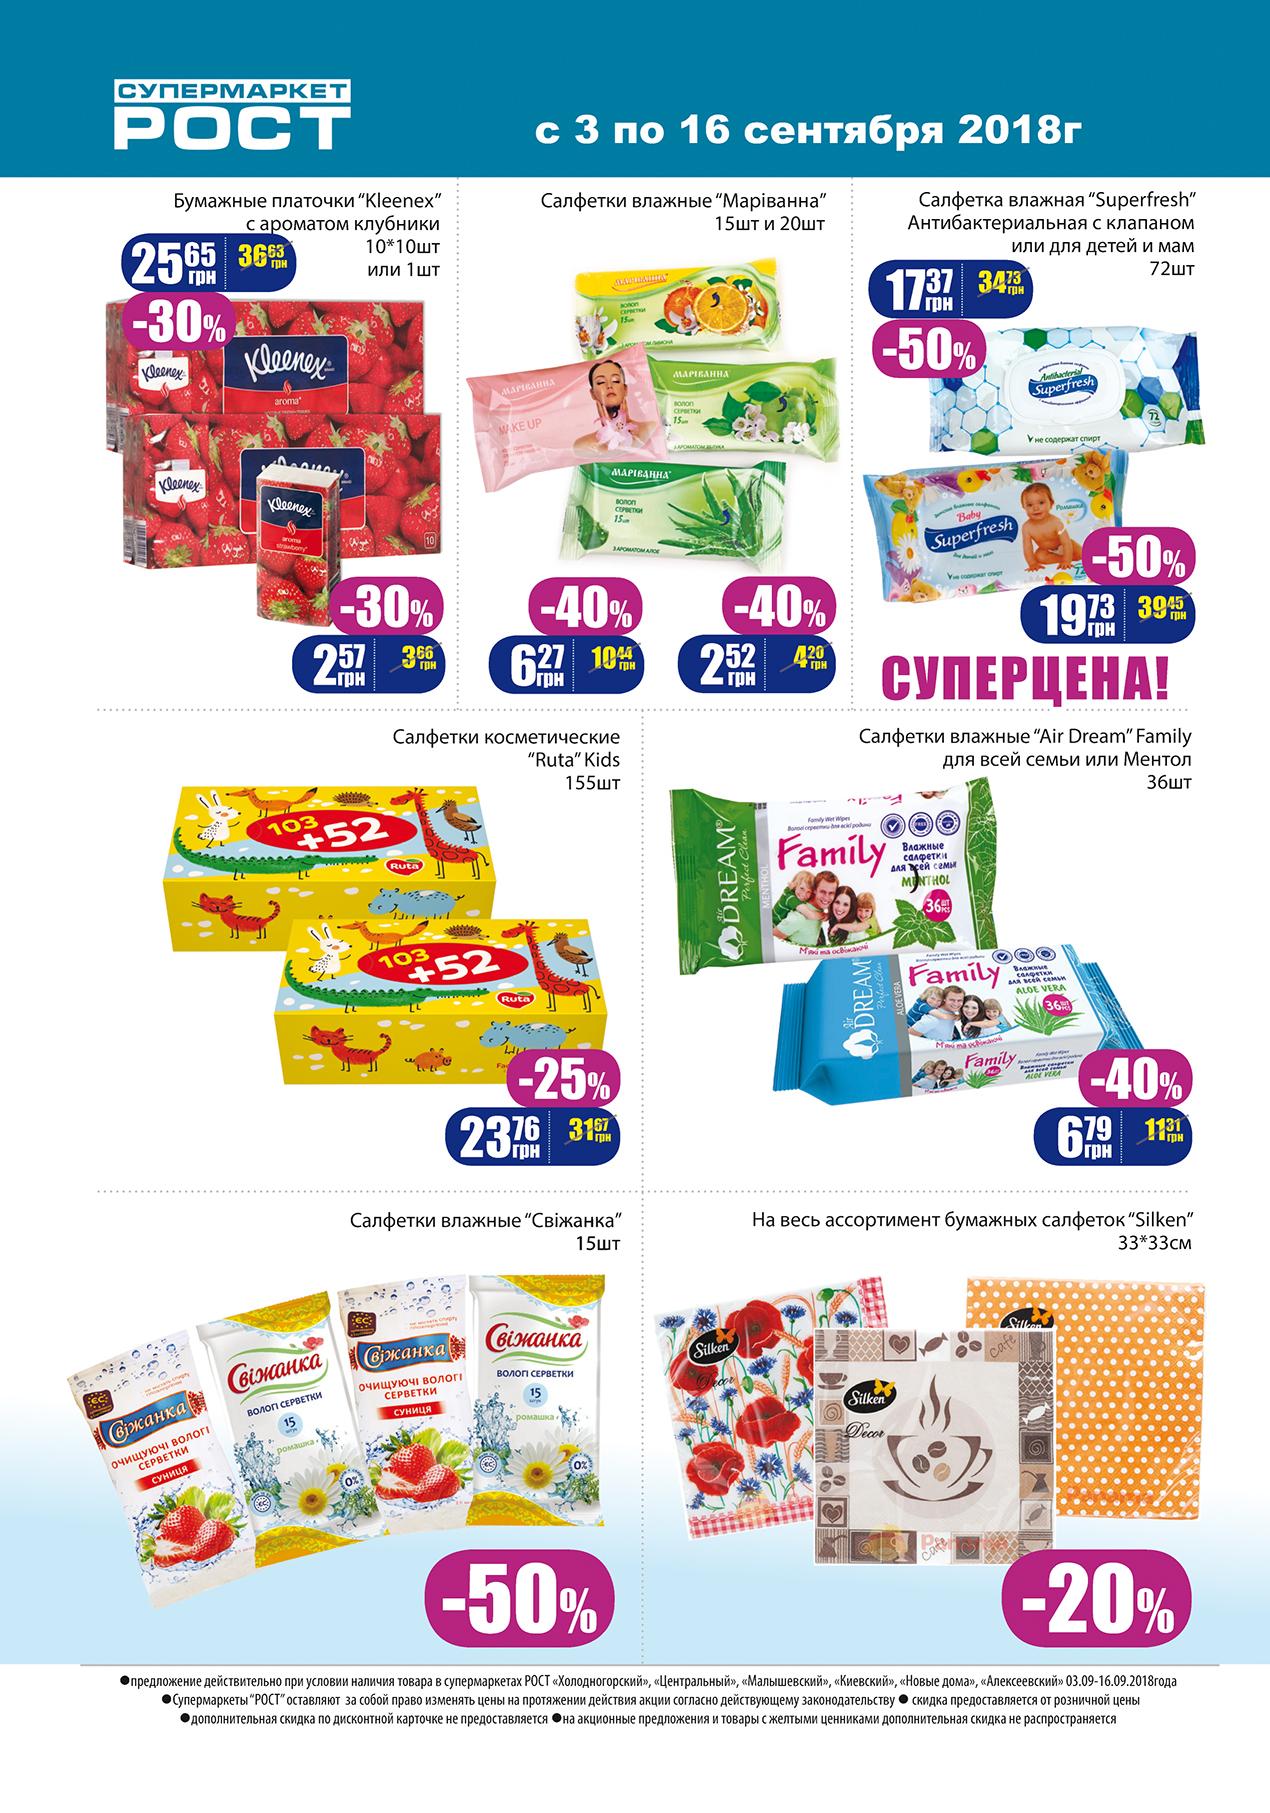 bytovaya_himiya_03-09-16-09_print_page8